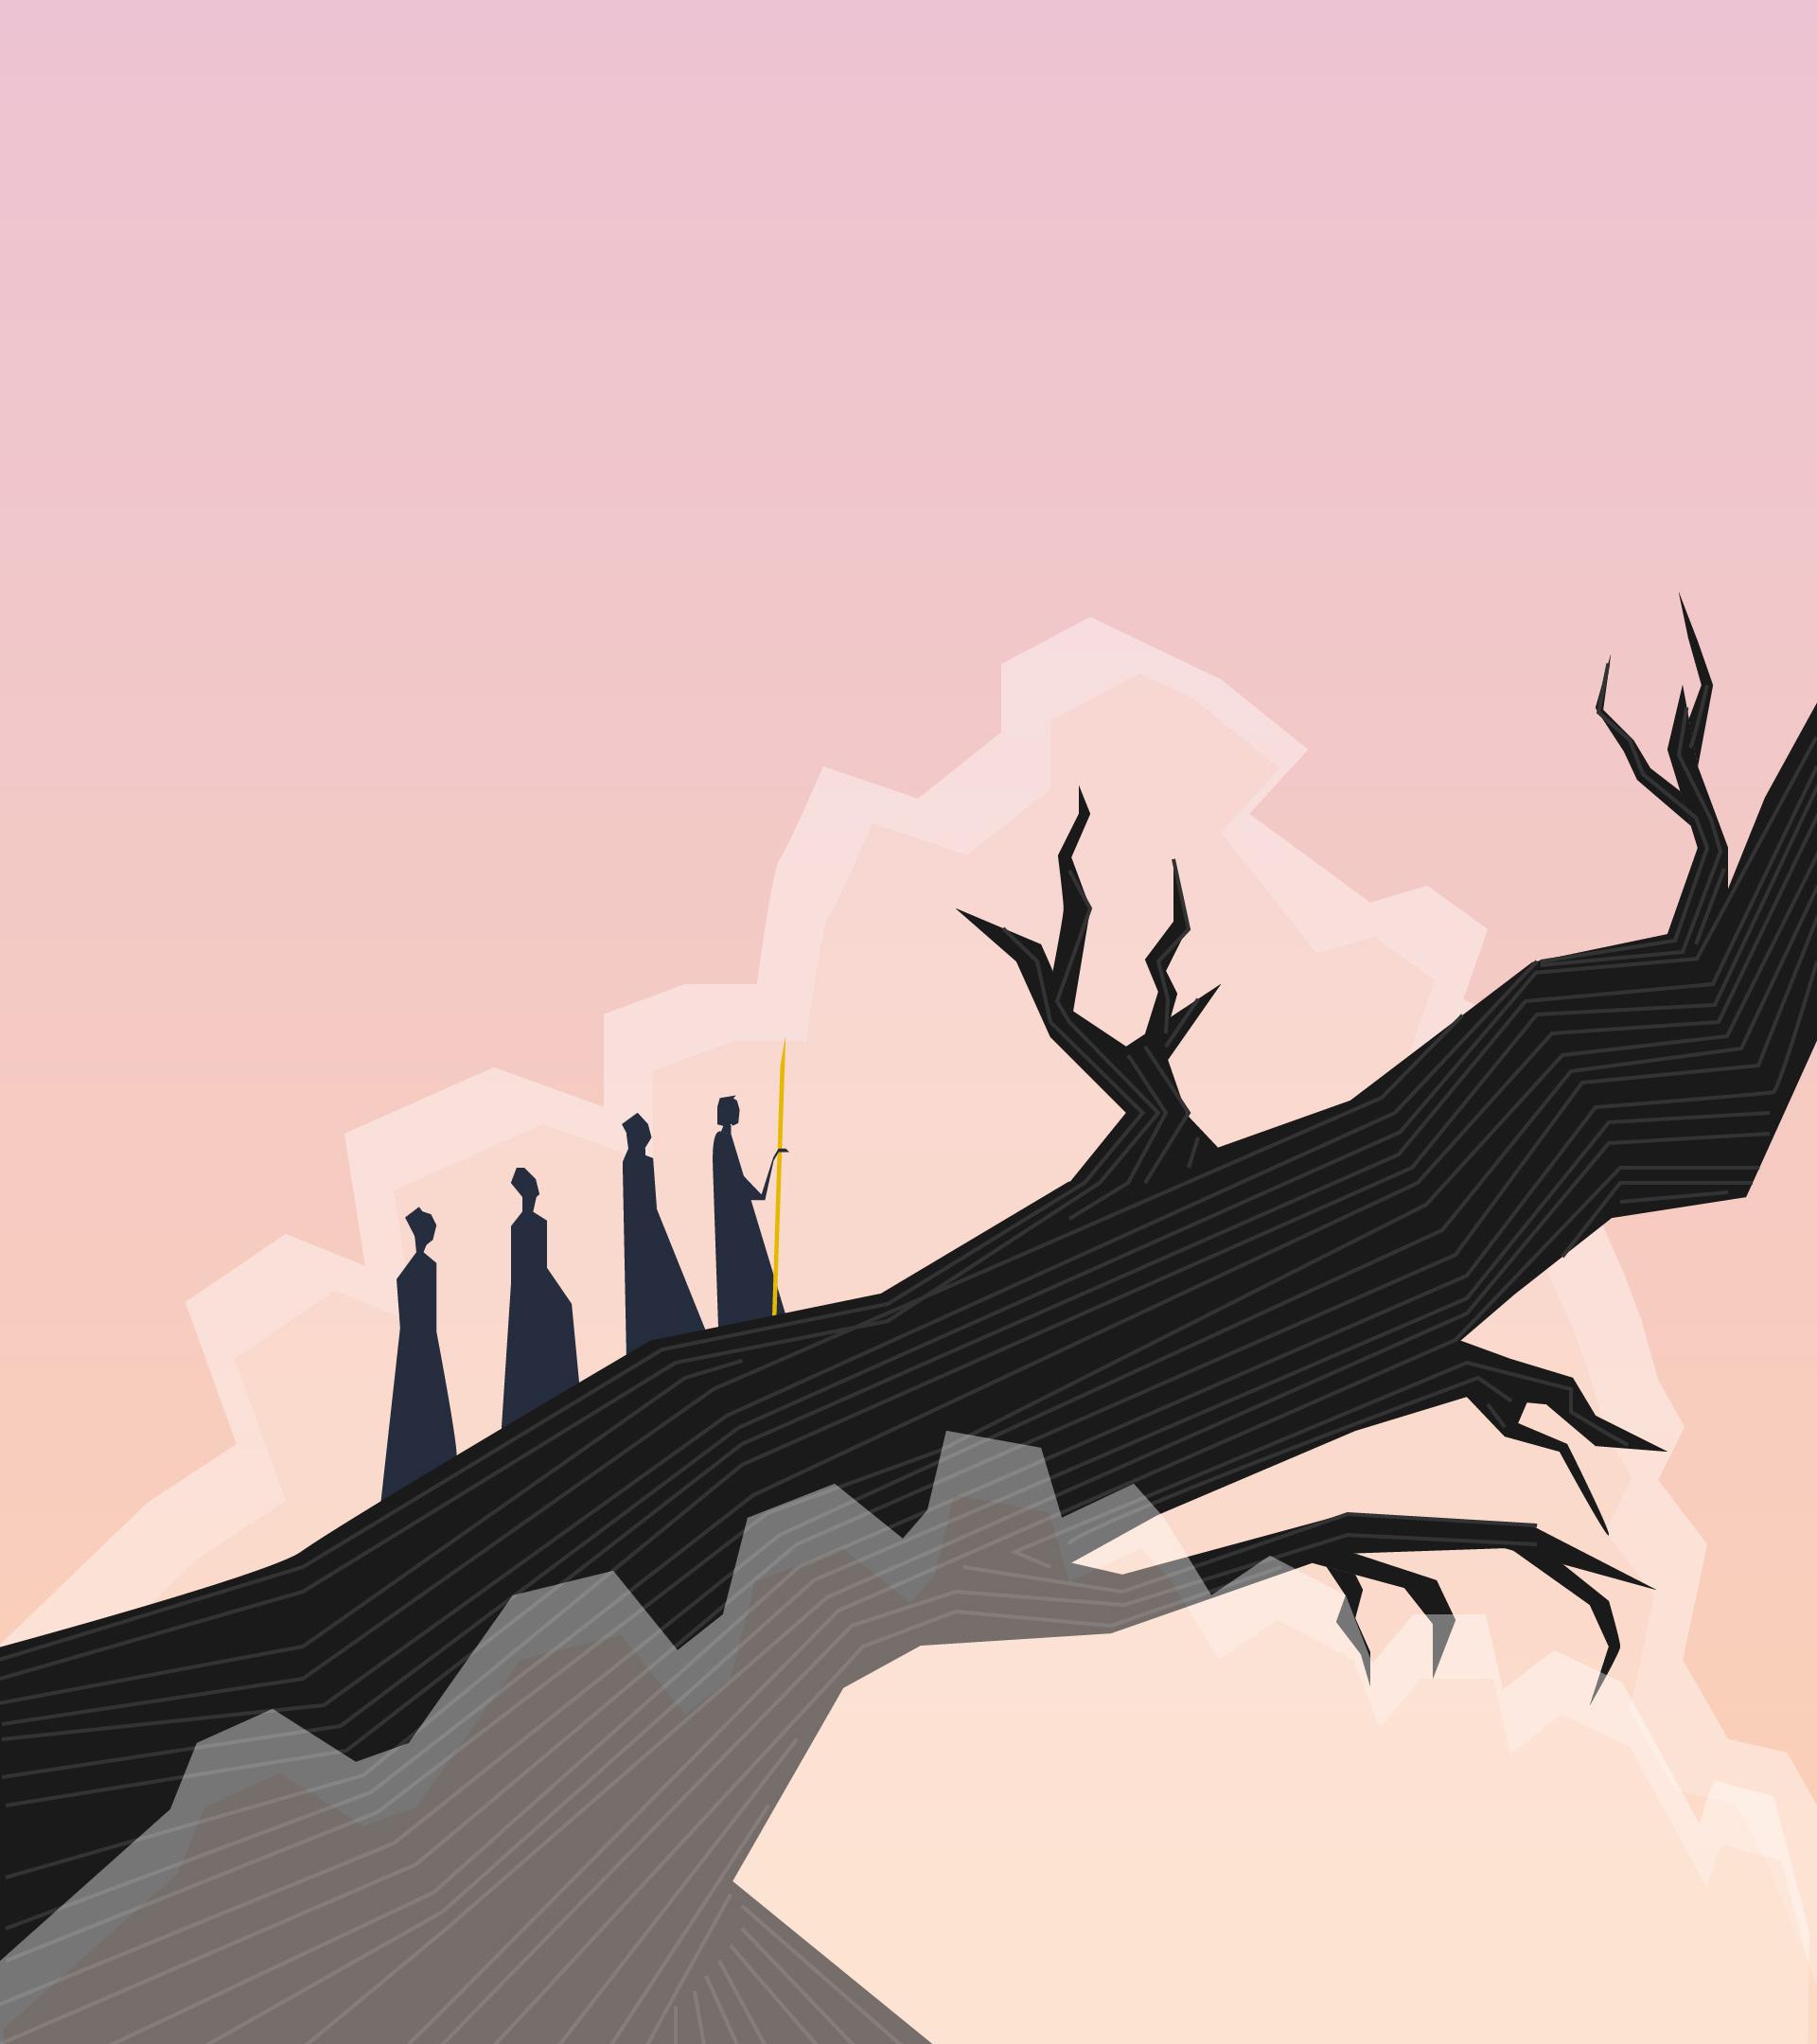 Una procesión de personas en una montaña seca que tiene ramas.